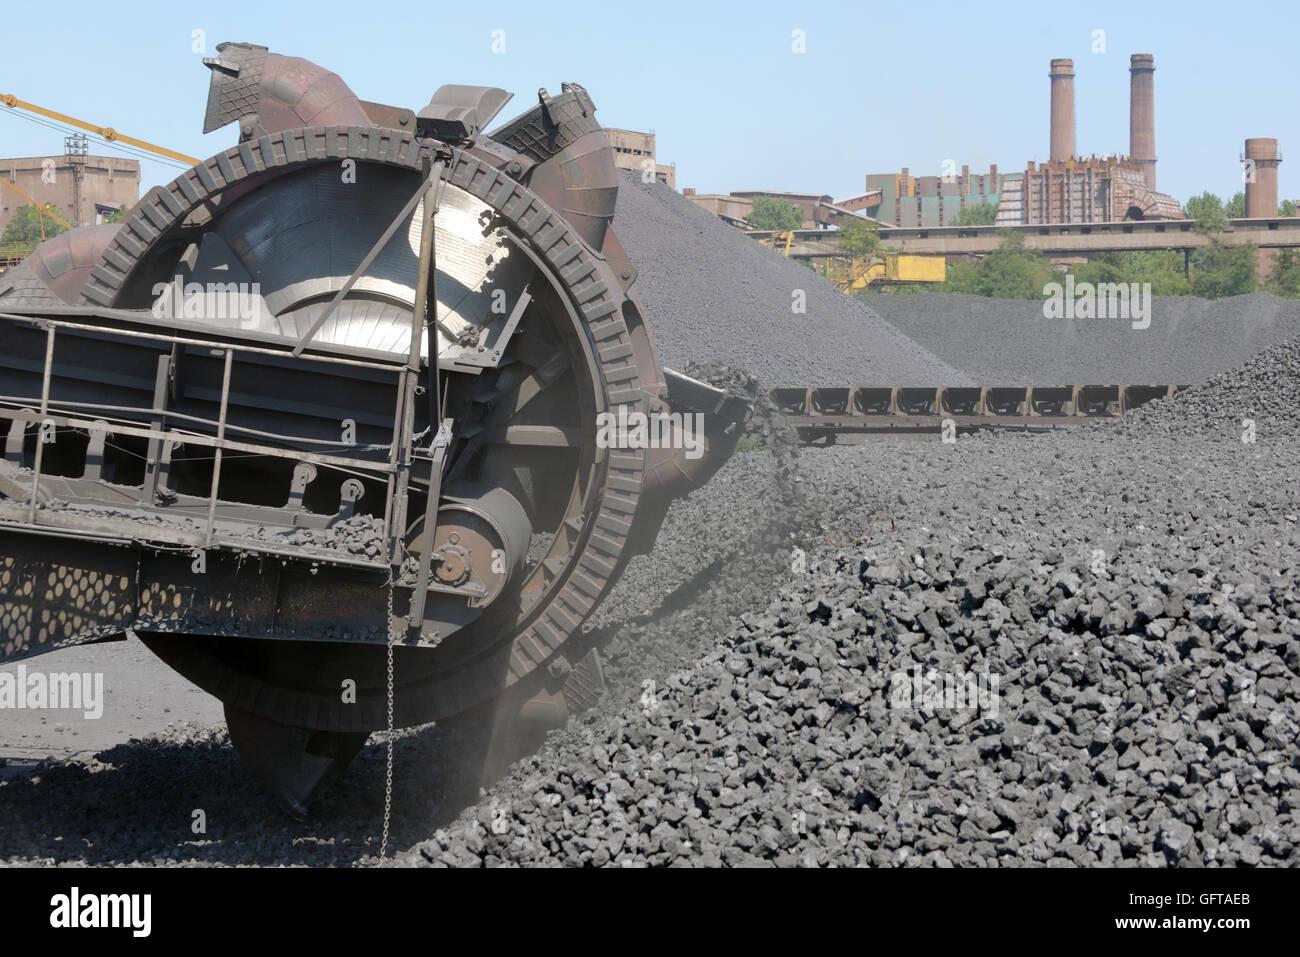 bucket-wheel excavators digging - Stock Image